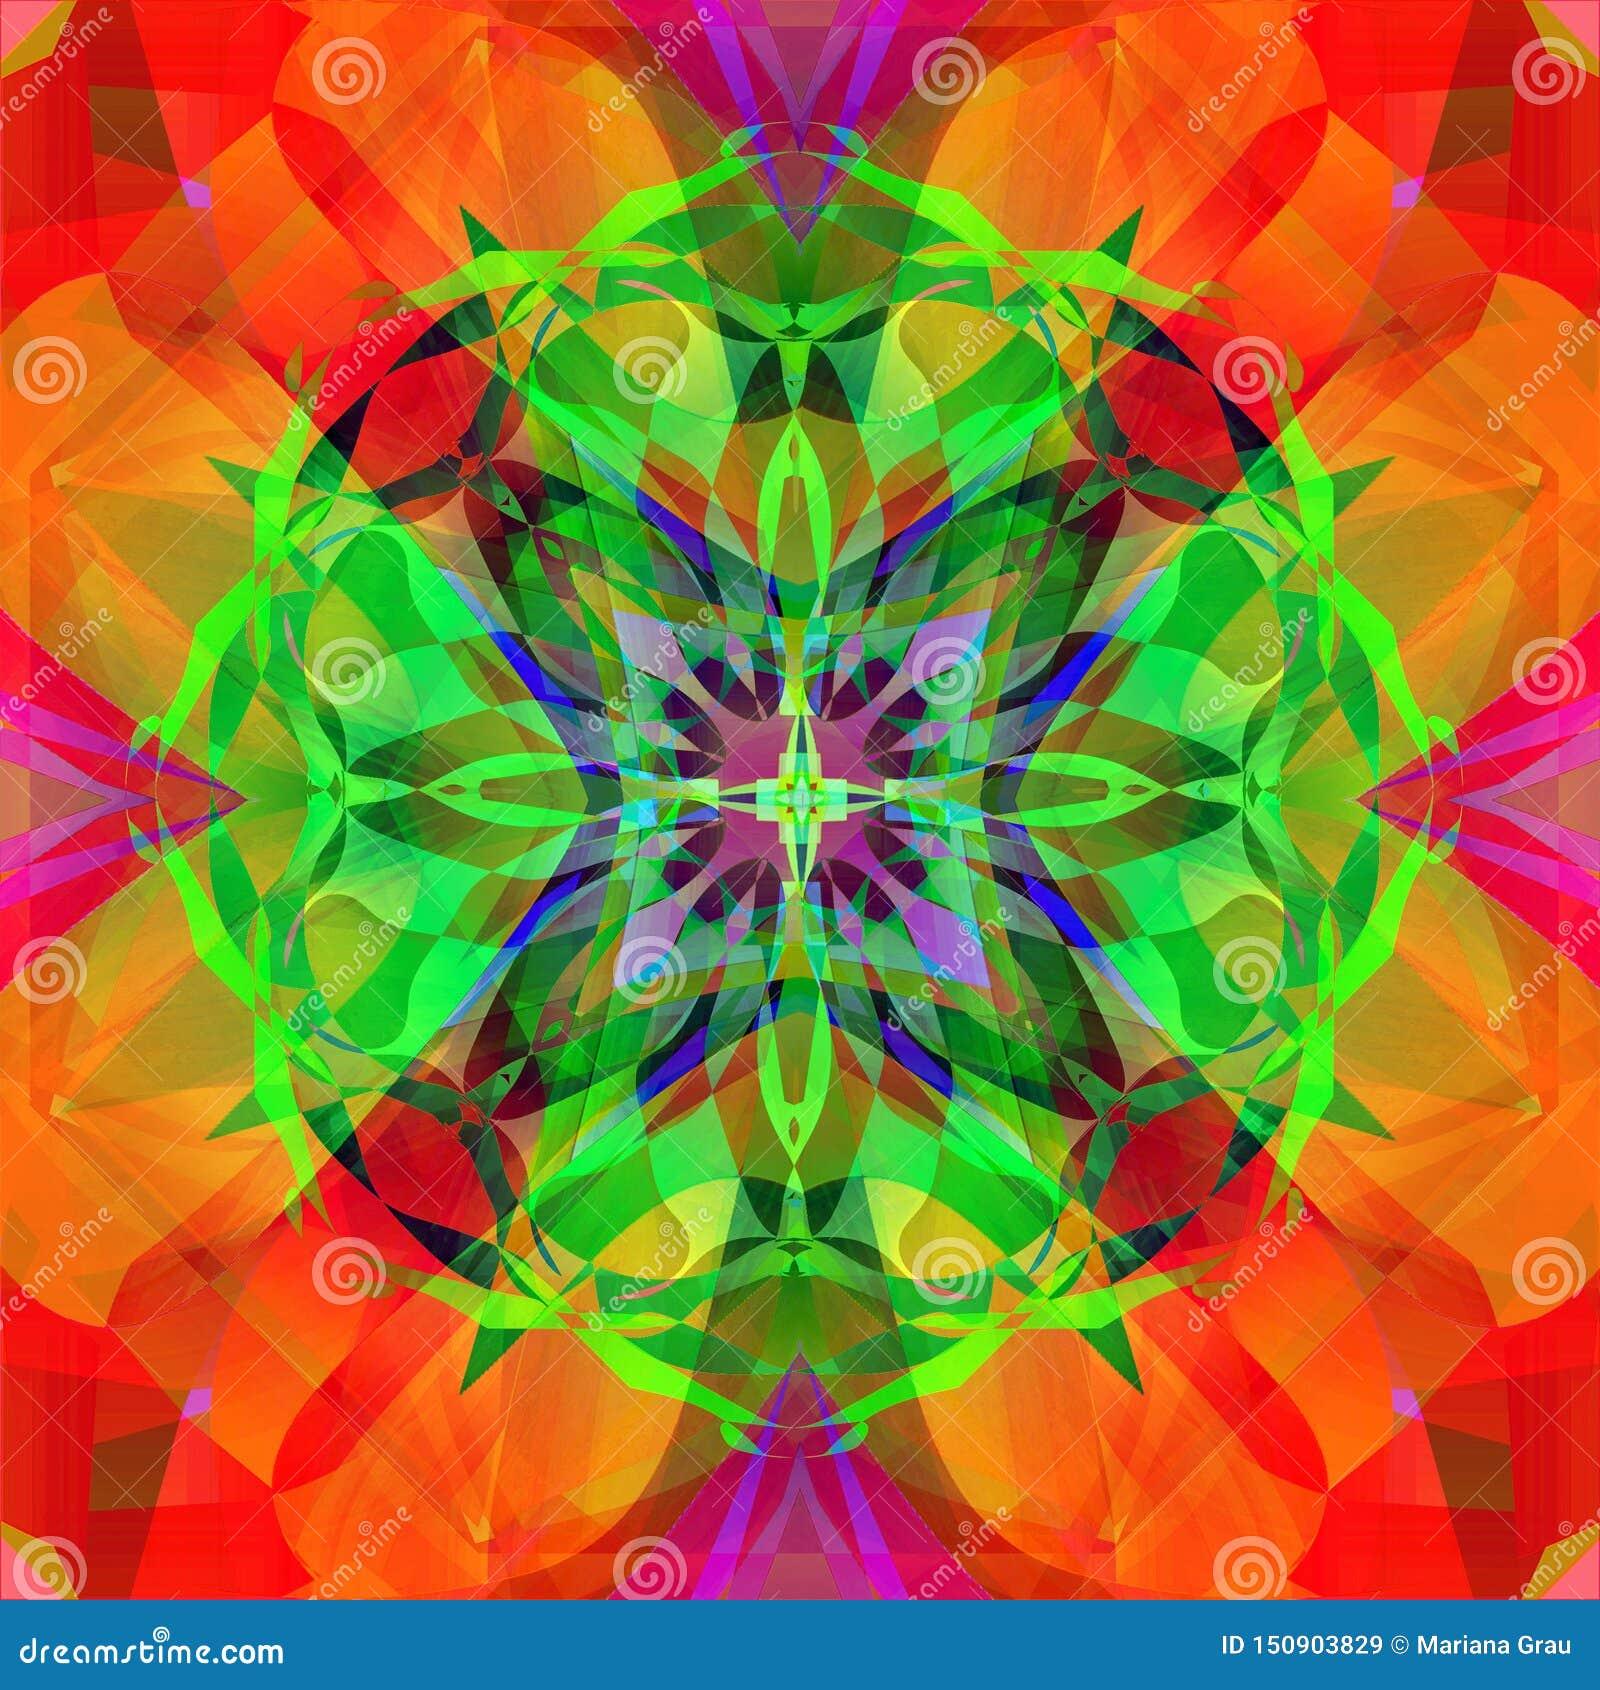 Mandala dekorativ design CENTRAL BILD I GRÖNT, BLÅTT, RÖTT OCH PURPURFÄRGAT G?ra sammandrag orange och r?d bakgrund